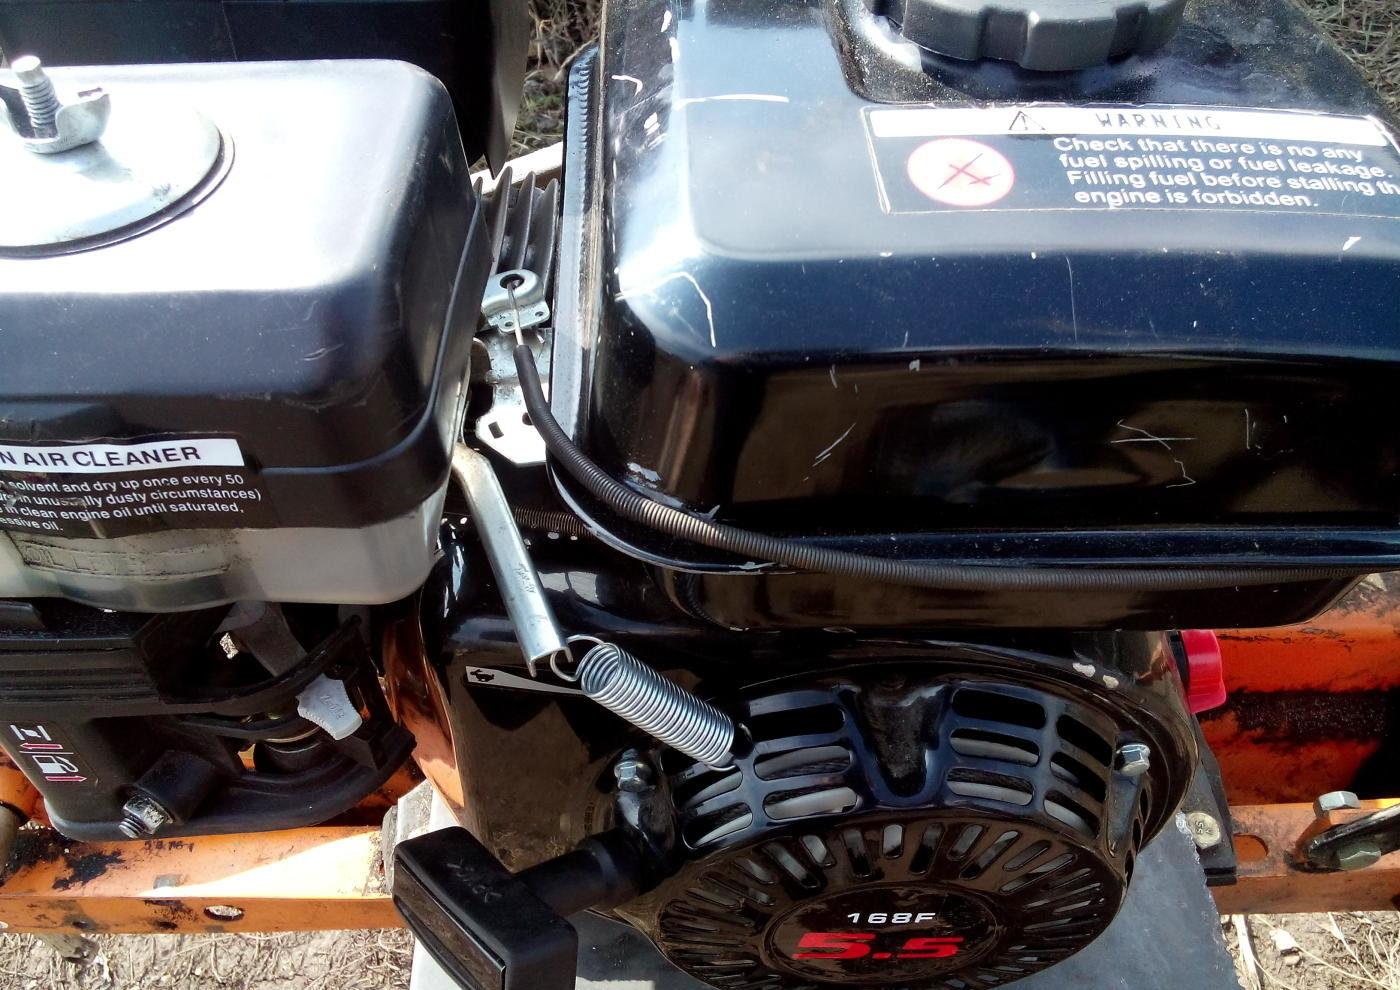 Мотоблок patriot «урал»: бензиновая модель с широкими колесами 19х7-8. характеристики, инструкция по эксплуатации и замена запчастей. отзывы владельцев